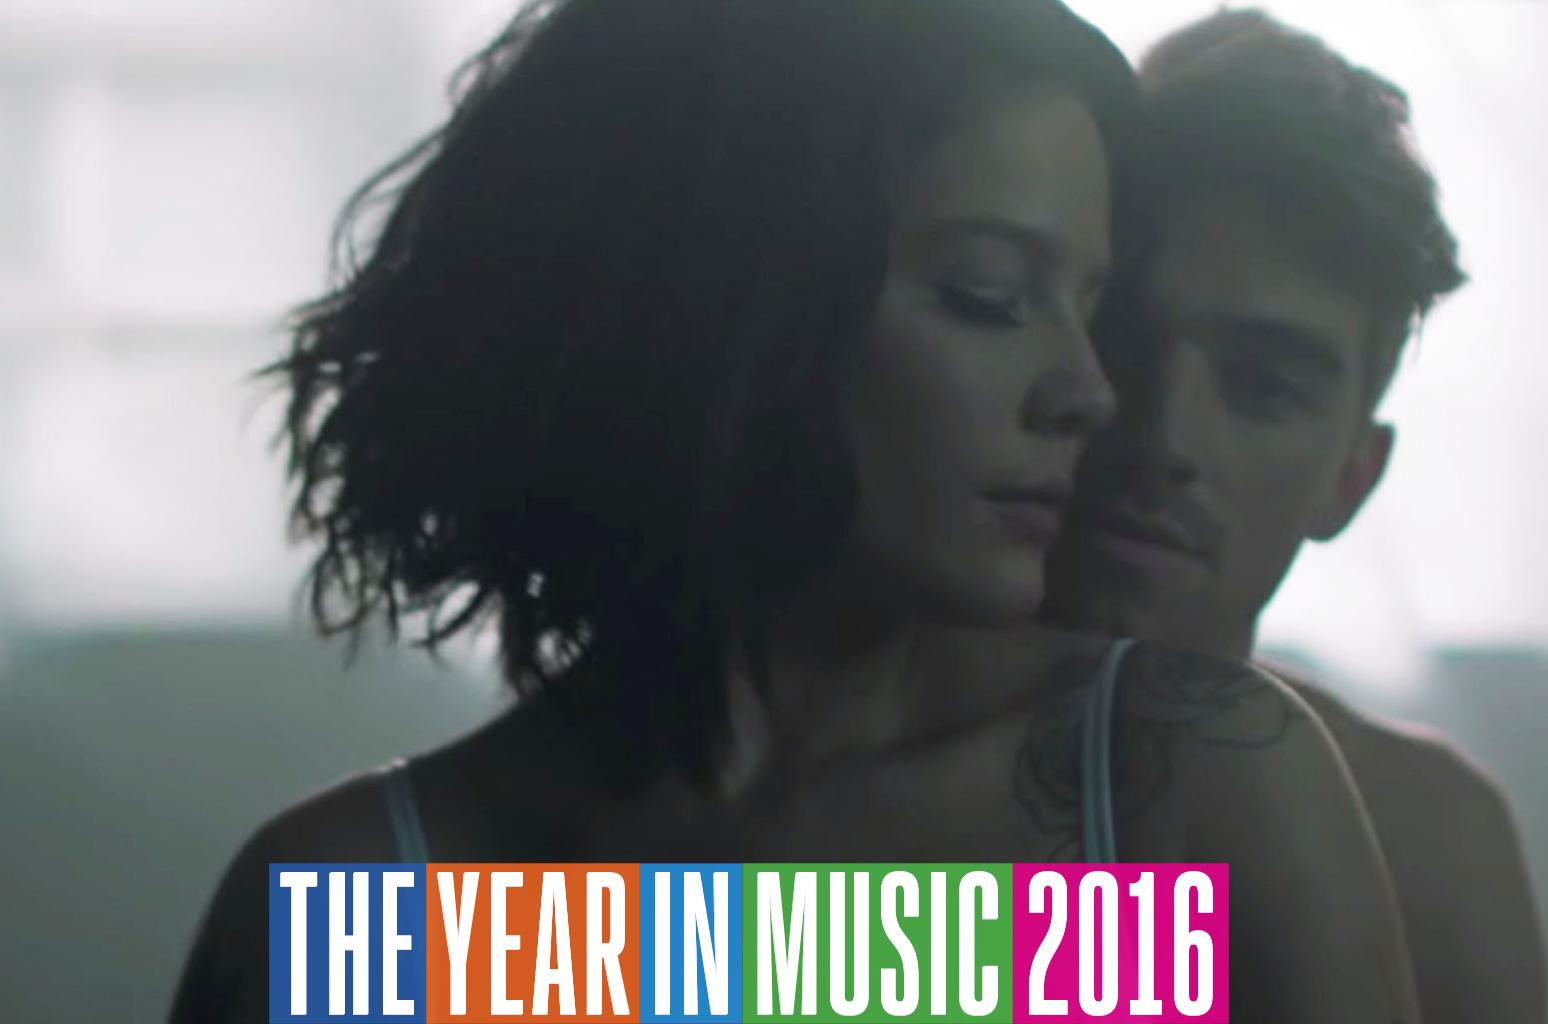 10 Best Dance/Electronic Songs of 2016: Billboard Critics' Picks | Billboard